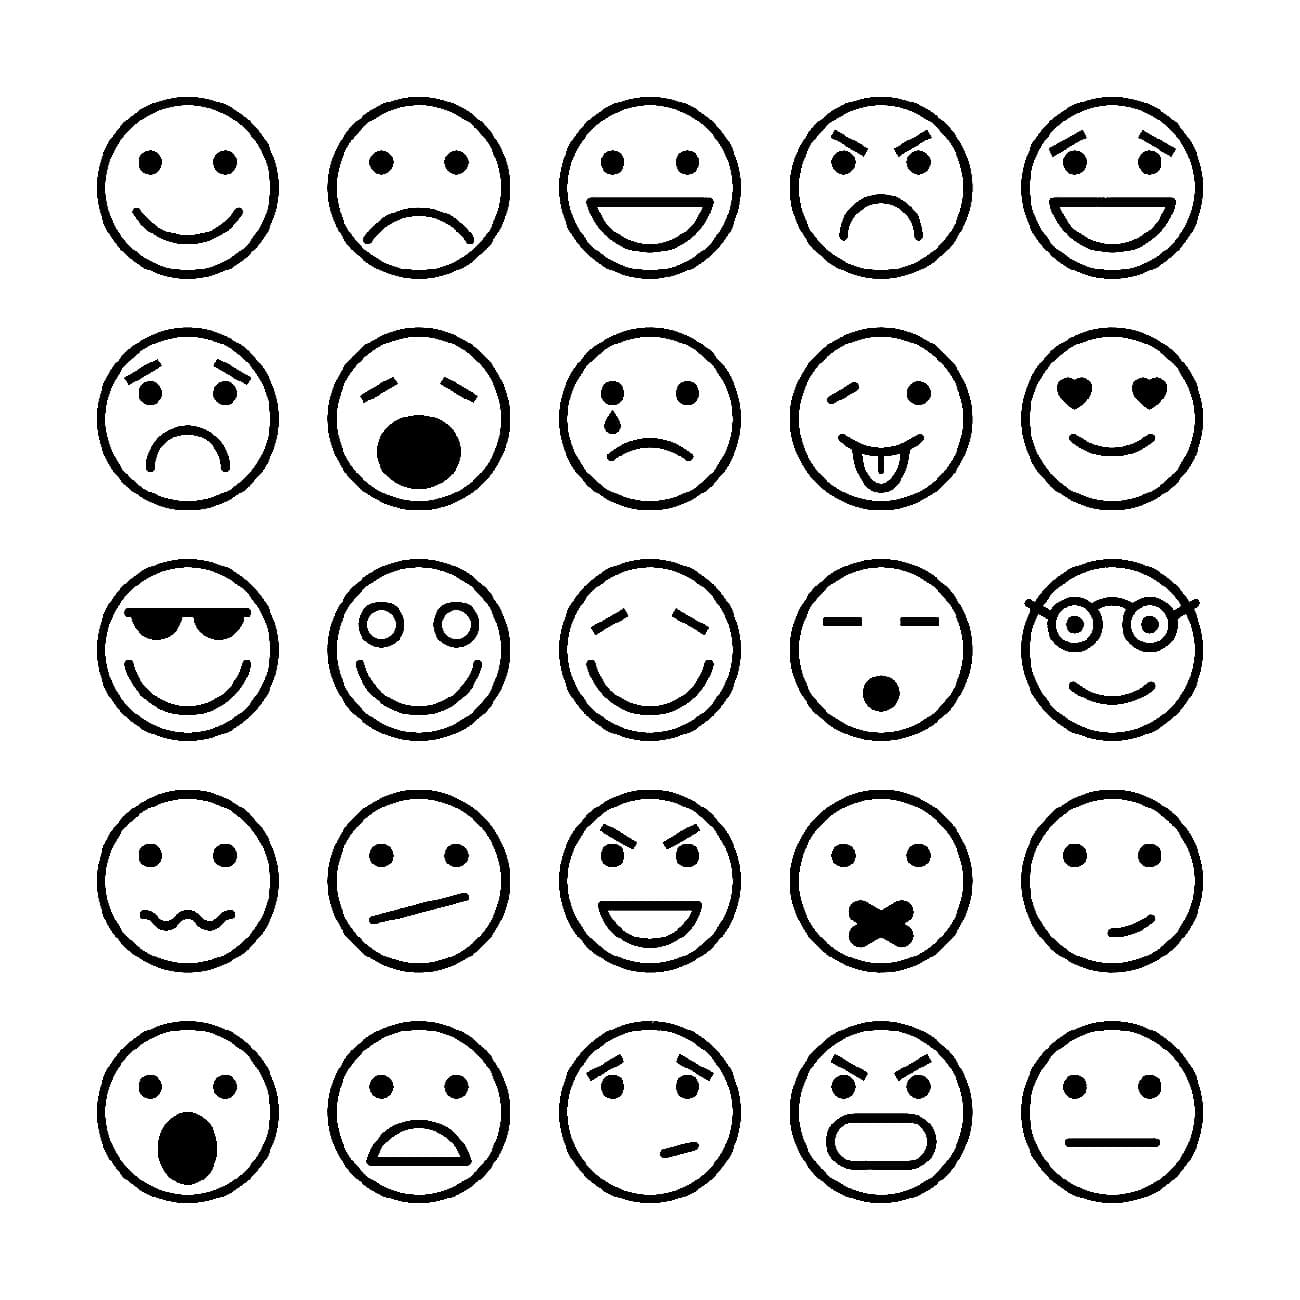 Ausmalbilder Emoji  18 Malvorlagen Smiley Kostenlos zum Ausdrucken